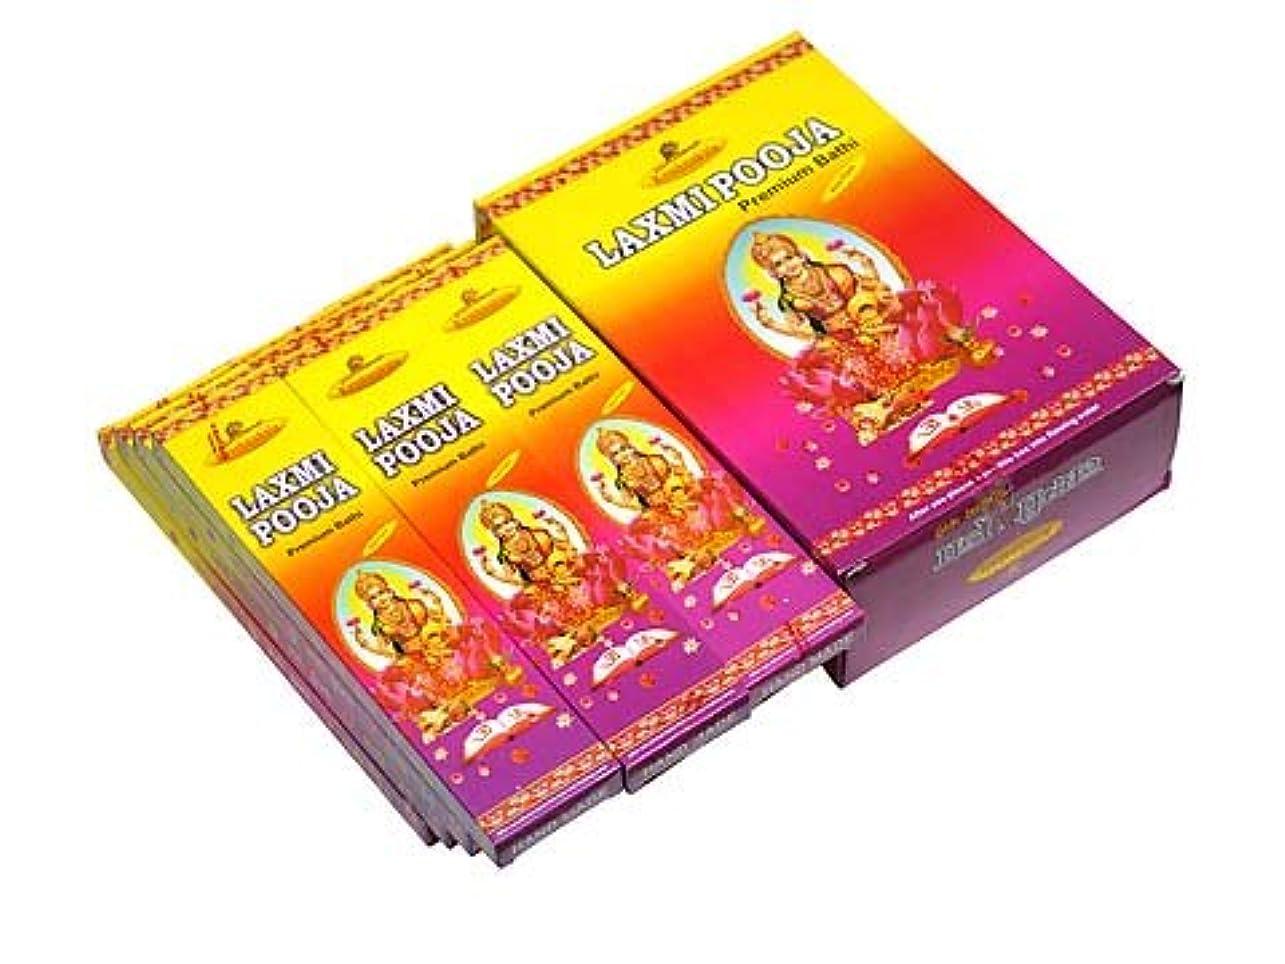 地獄アコー夢中A-RAVI RAG(エーラビ ラグ) ラクシュミプージャ香 レギュラーボックス スティック LAXMIPOOJA REG BOX 12箱セット